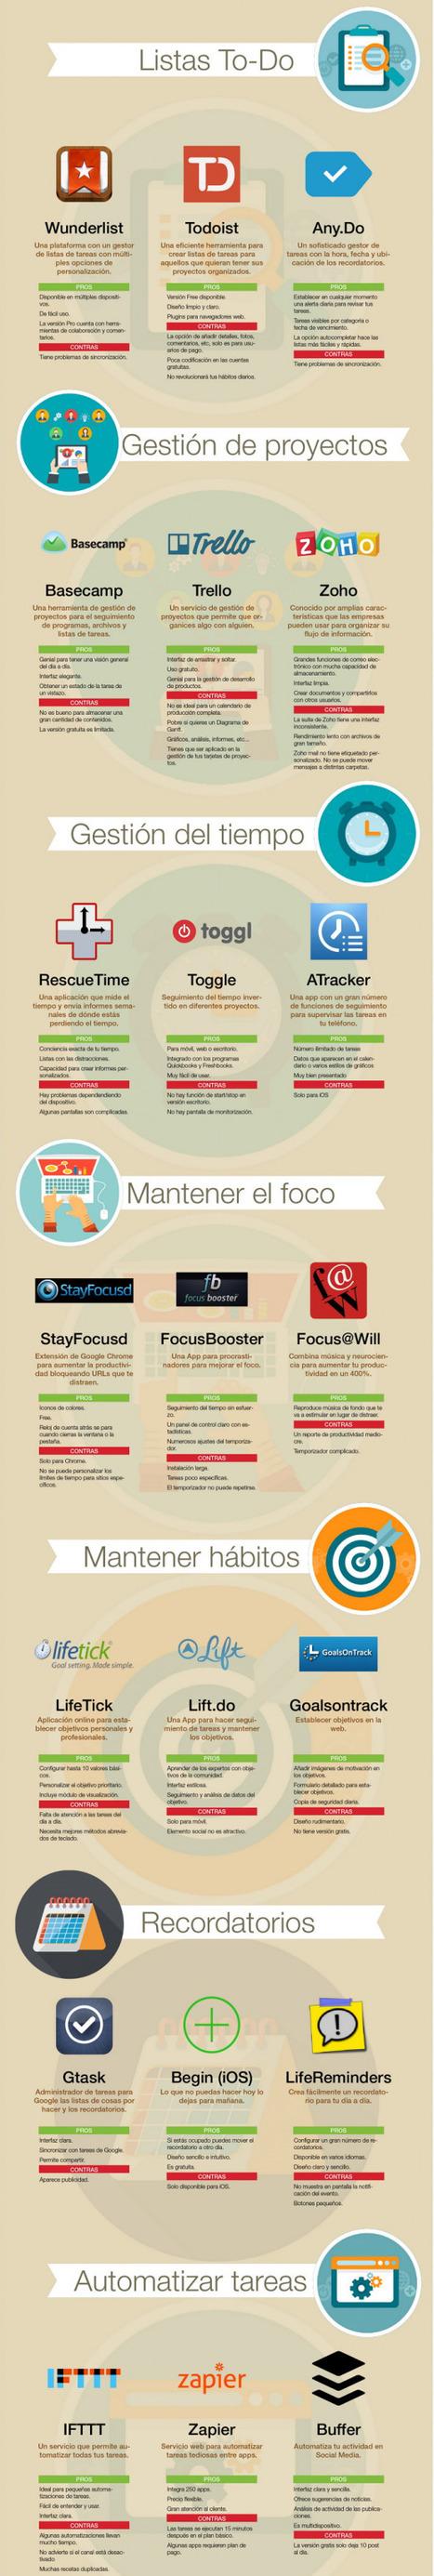 #Productividad Personal: 21 apps de productividad | Estrategias de desarrollo de Habilidades Directivas  : | Scoop.it